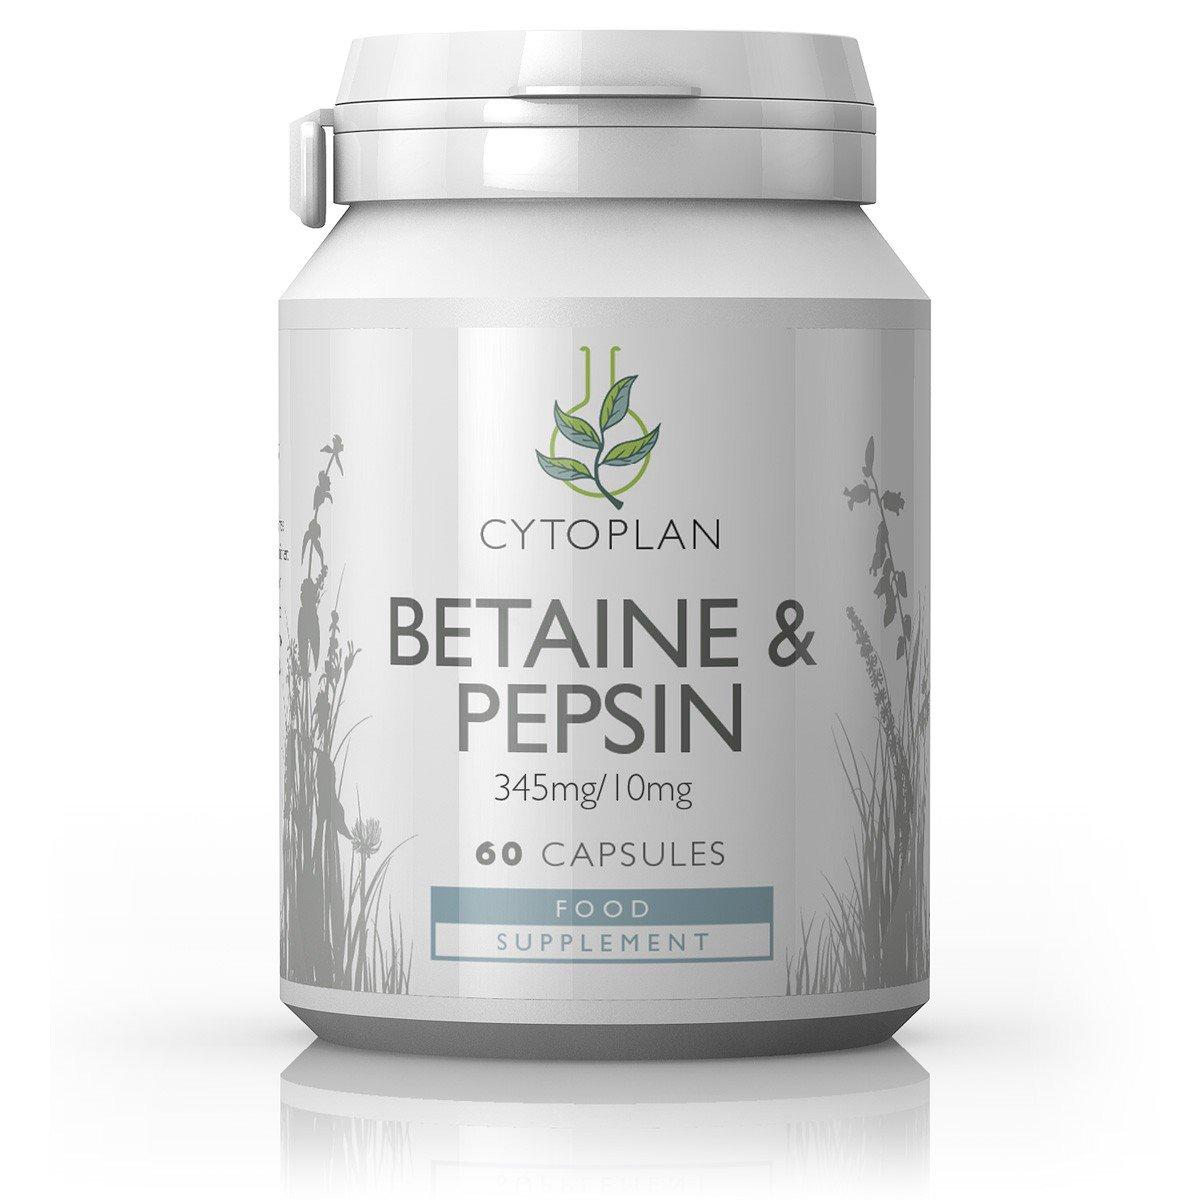 Betaine & Pepsin 60's